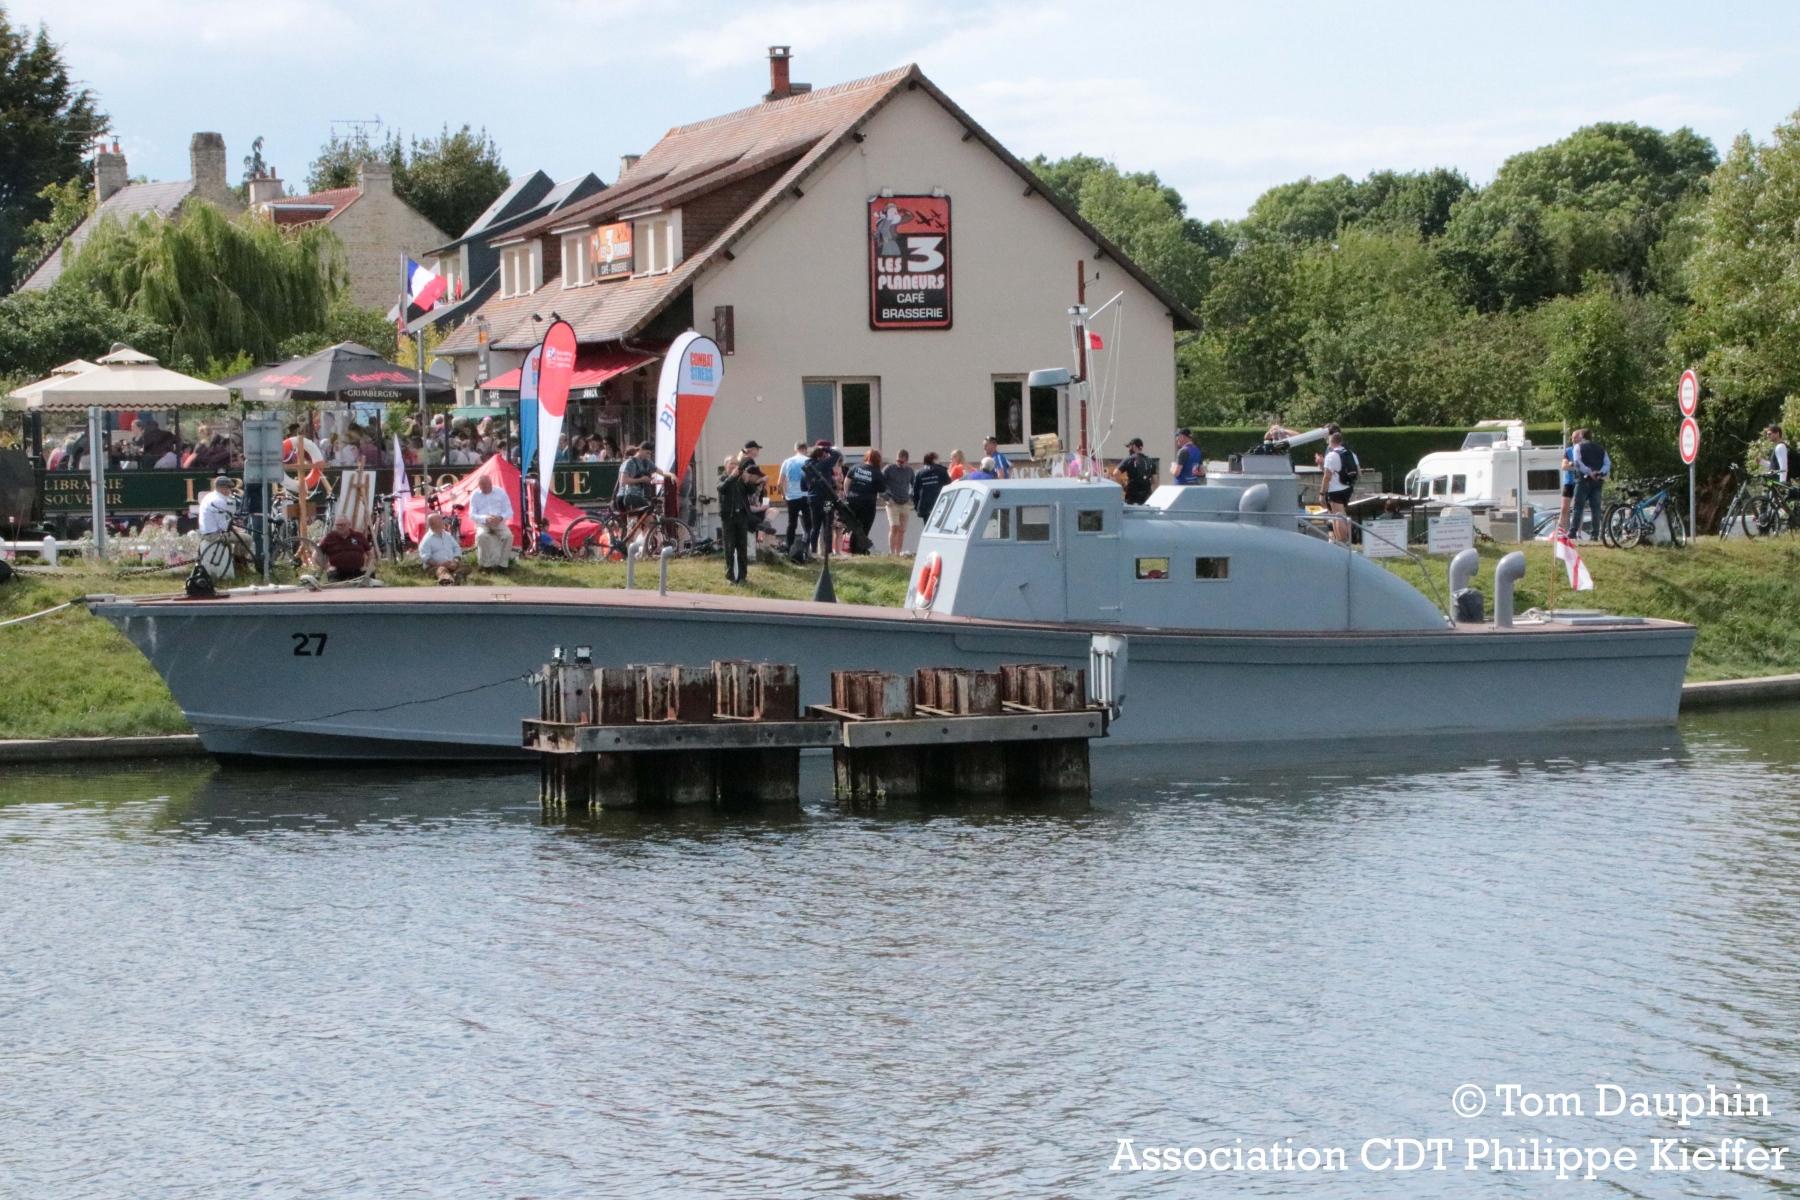 bateau_britannique_pegasus_bridge_6_juin_2019